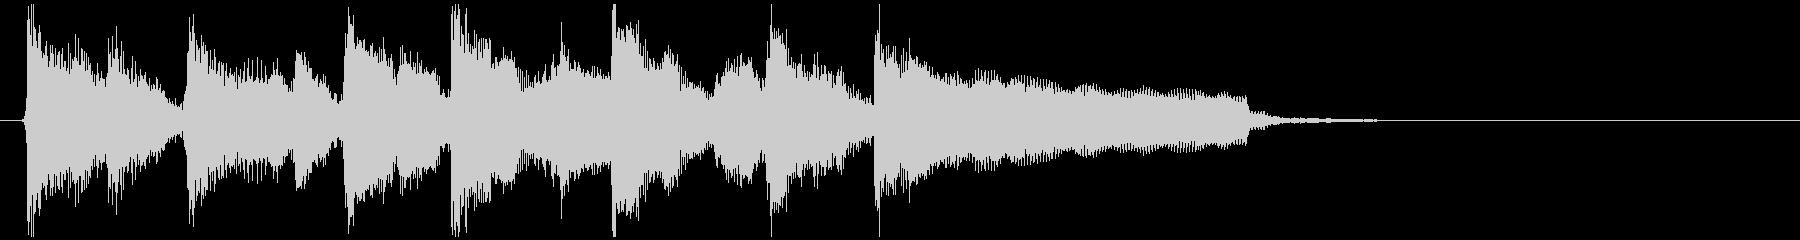 かっこかわいいリコーダーのファンク系ロゴの未再生の波形